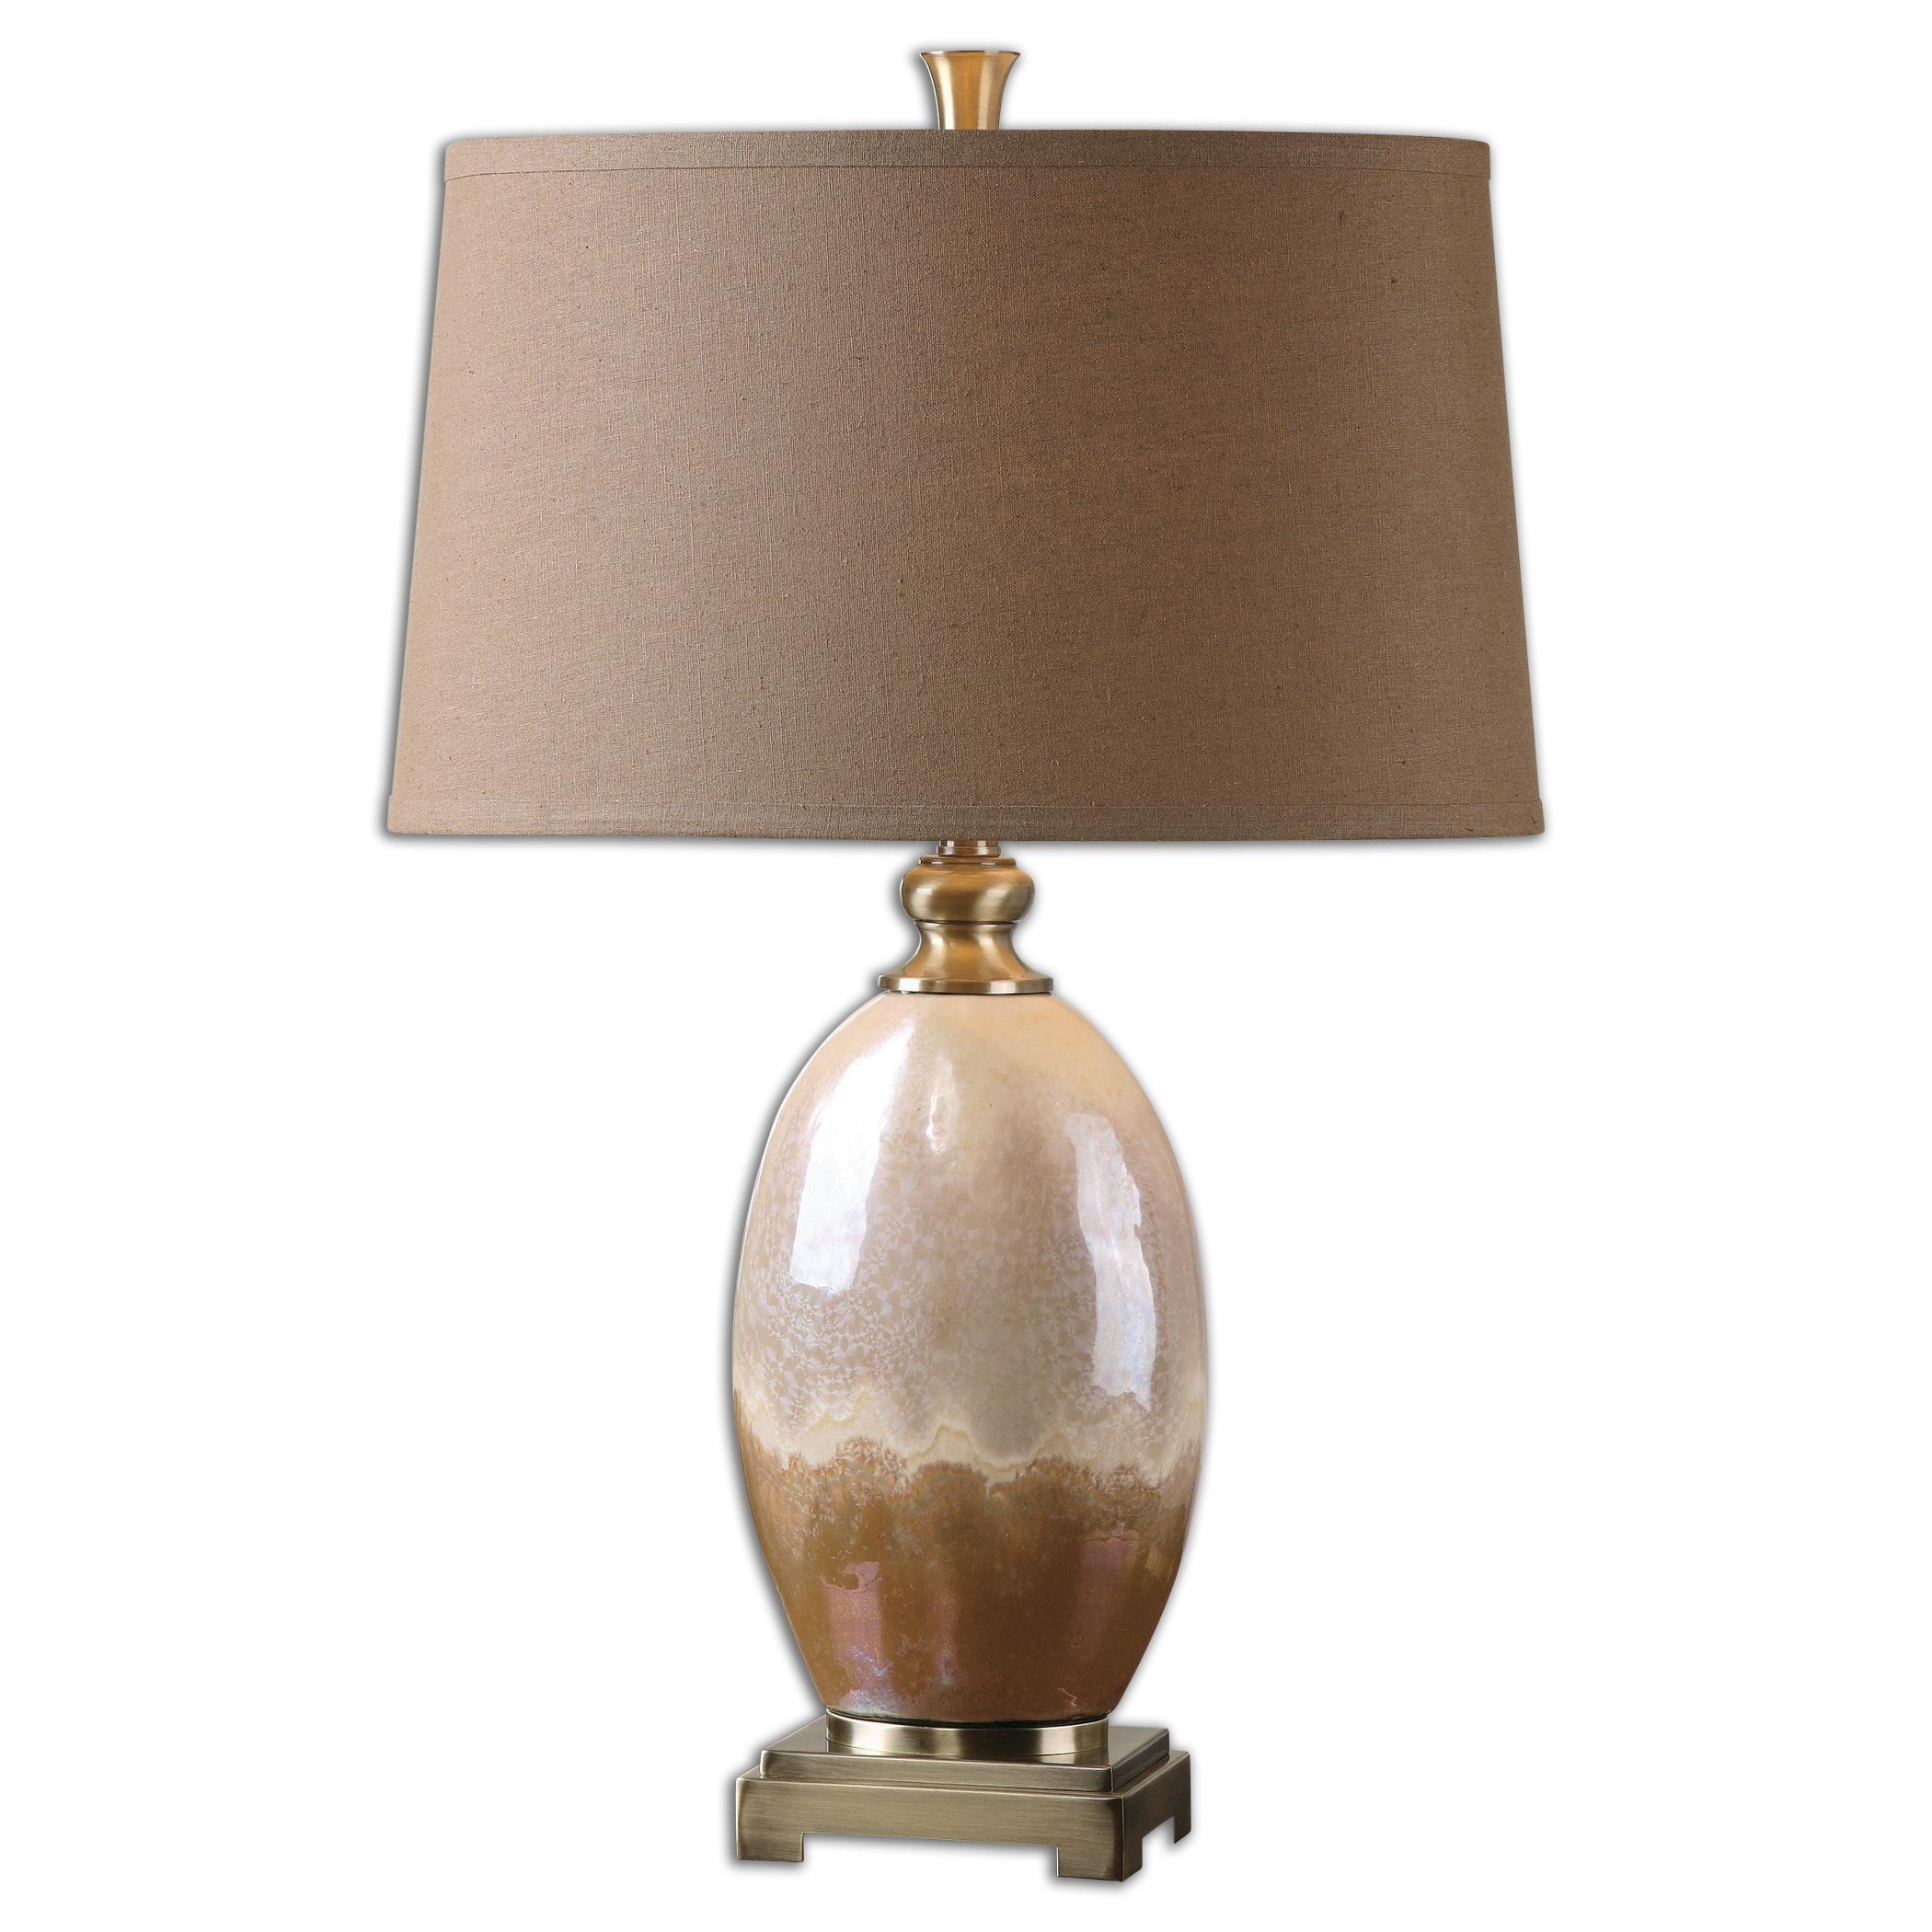 Eadric Ceramic Table Lamp